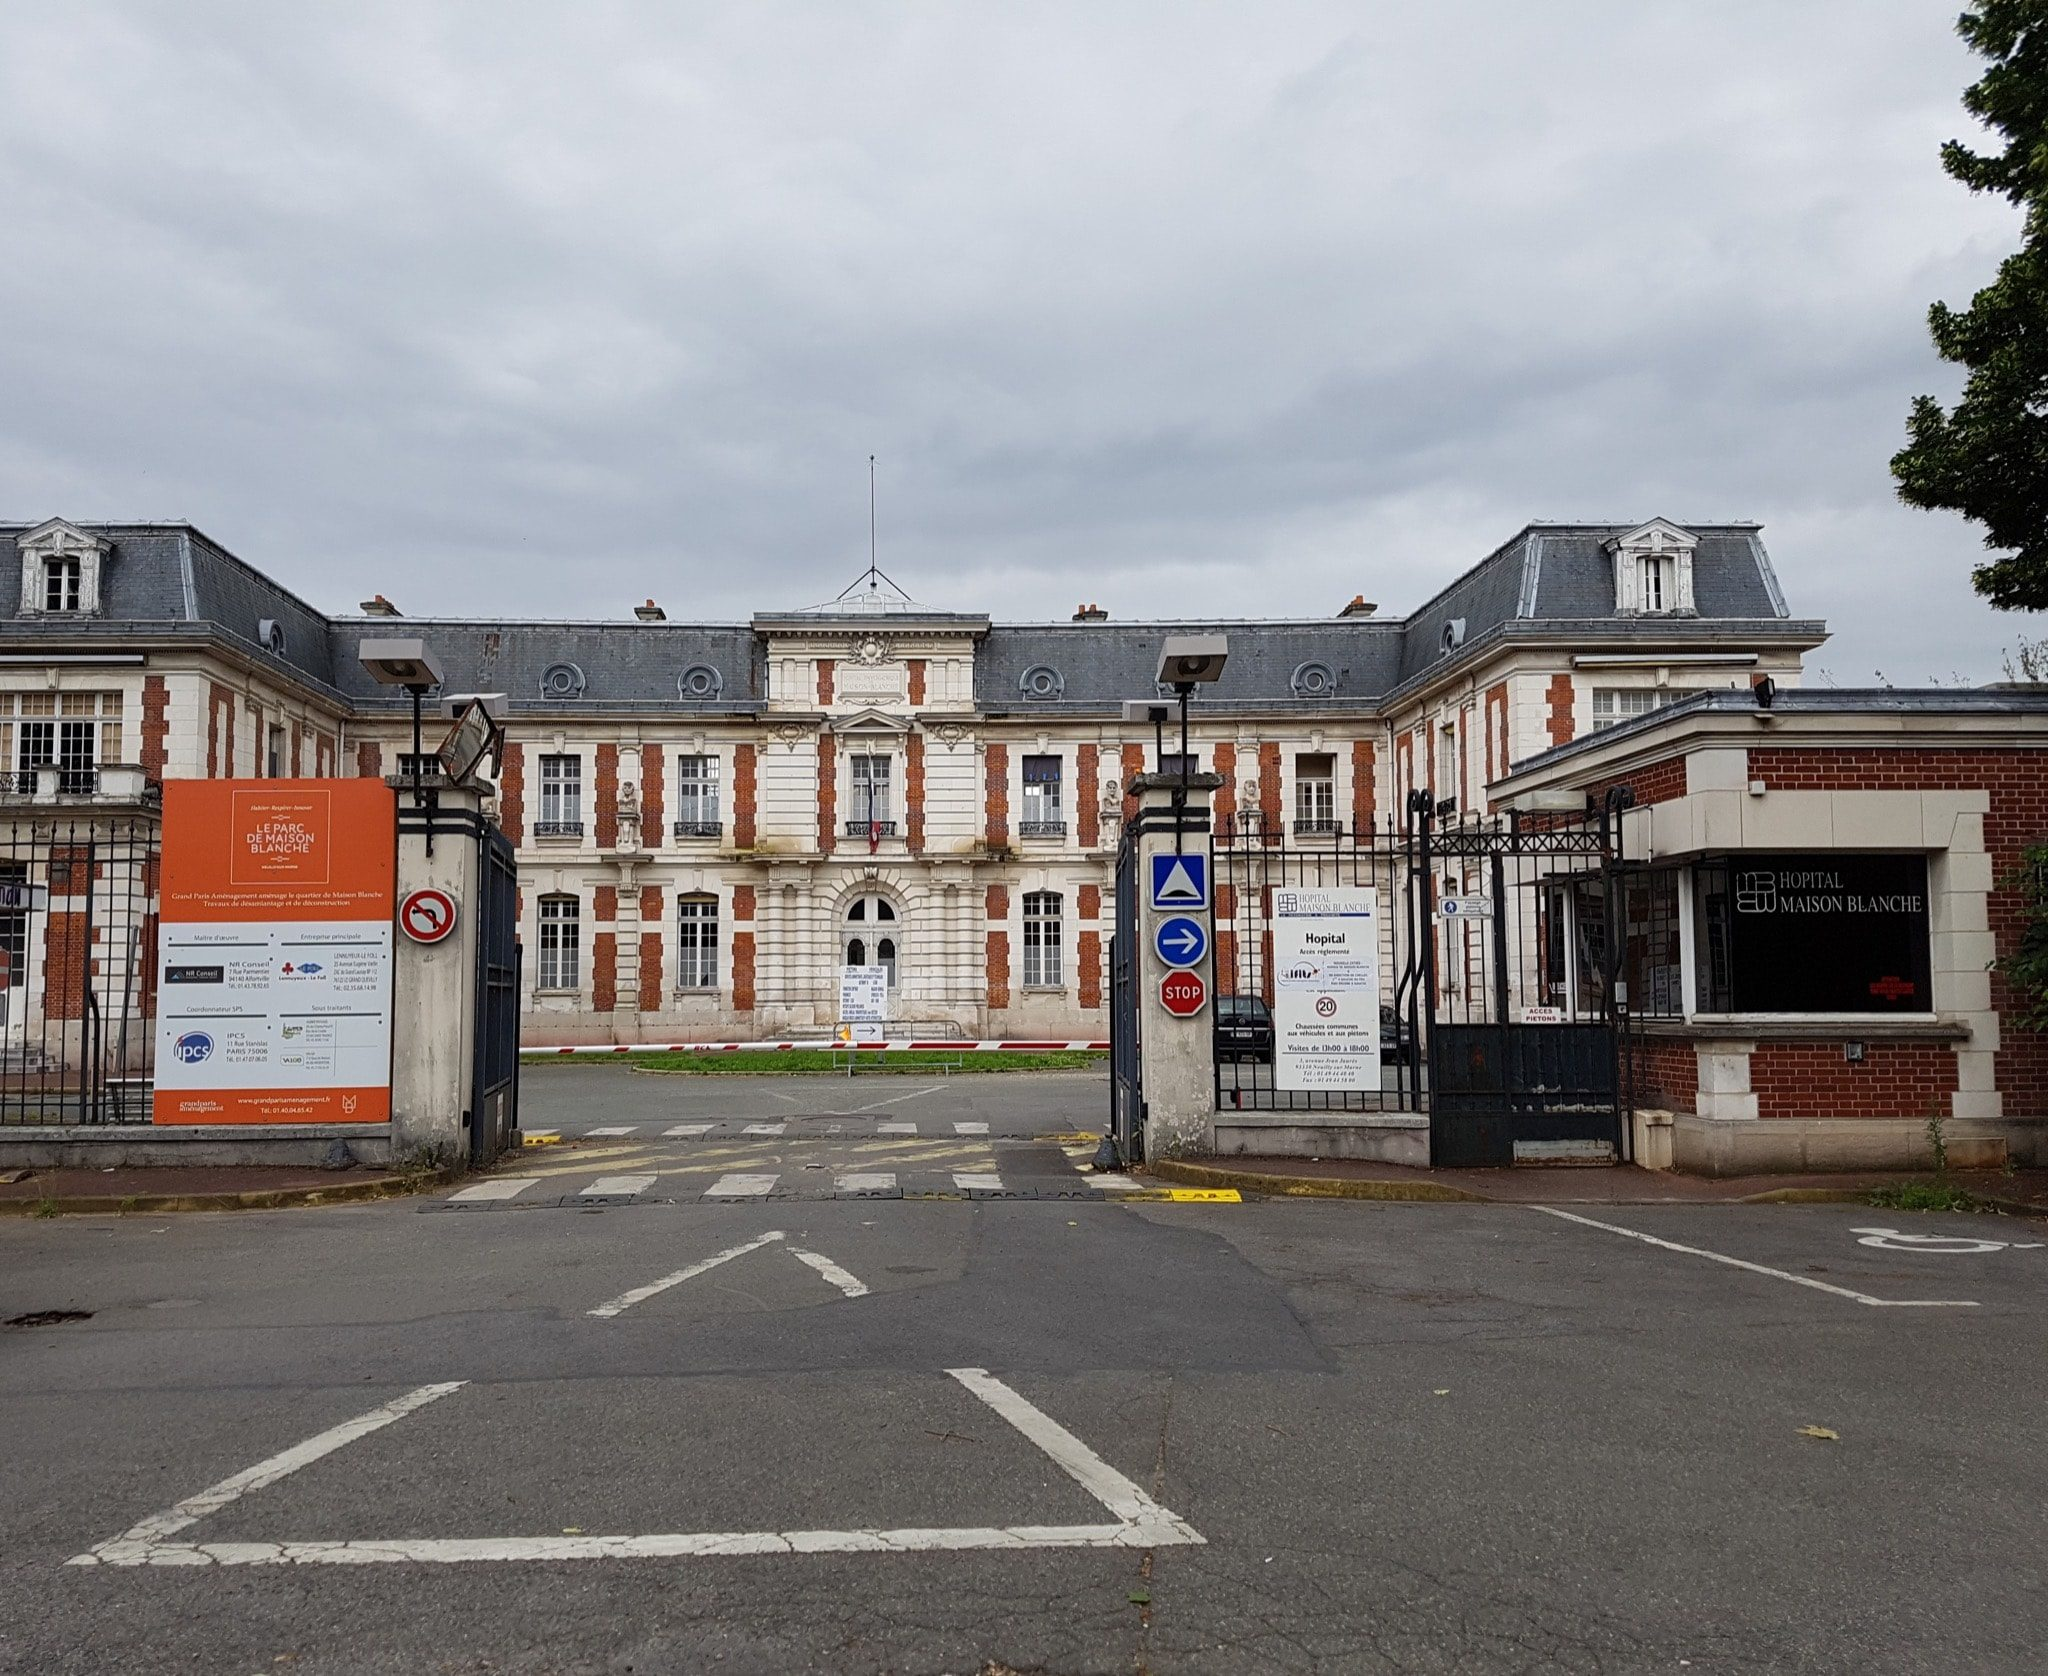 un-village-francais-image-la-classe-8